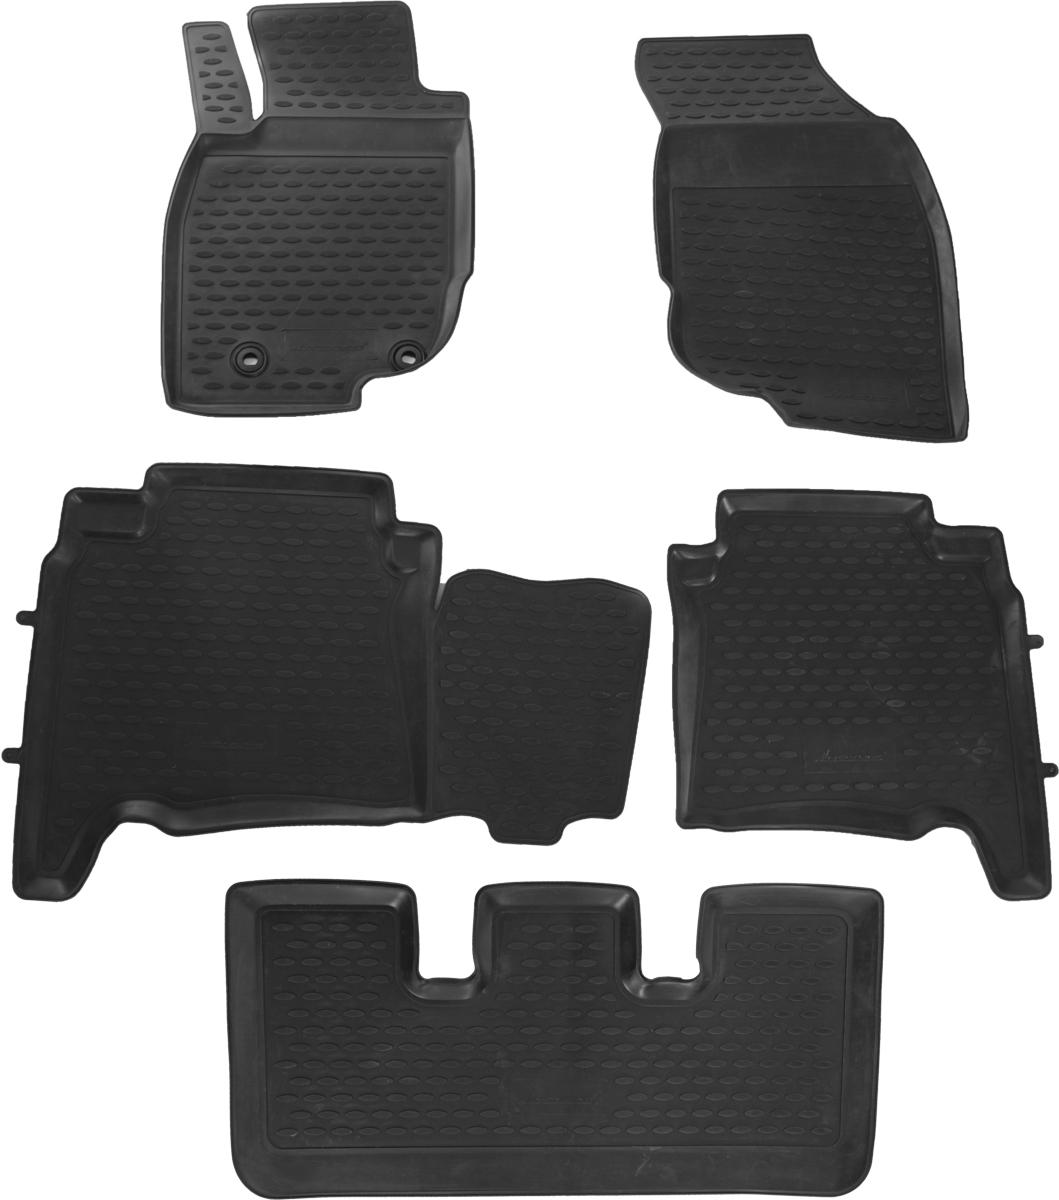 Набор автомобильных ковриков Novline-Autofamily для Toyota Fortuner 01/2013-, левый руль, в салон, 5 штNLC.48.110.210kНабор автомобильных ковриков Novline-Autofamily, изготовленный из полиуретана, состоит из 5 ковриков, которые учитывают все особенности каждой модели автомобиля и полностью повторяют контуры пола. Полиуретановые автомобильные коврики для салона произведены из высококачественного материала, который держит форму, прочный и не пачкает обувь. Коврики в салон не только улучшат внешний вид салона вашего автомобиля, но и надежно уберегут его от пыли, грязи и сырости, а значит, защитят кузов от коррозии. Полиуретановые коврики для автомобиля гладкие, приятные и не пропускают влагу. Ковры для автомобилей надежно крепятся на полу и не скользят, что очень важно во время движения. Чистятся коврики очень просто: как при помощи автомобильного пылесоса, так и различными моющими средствами. Набор подходит для Toyota Fortuner с января 2013 года выпуска.